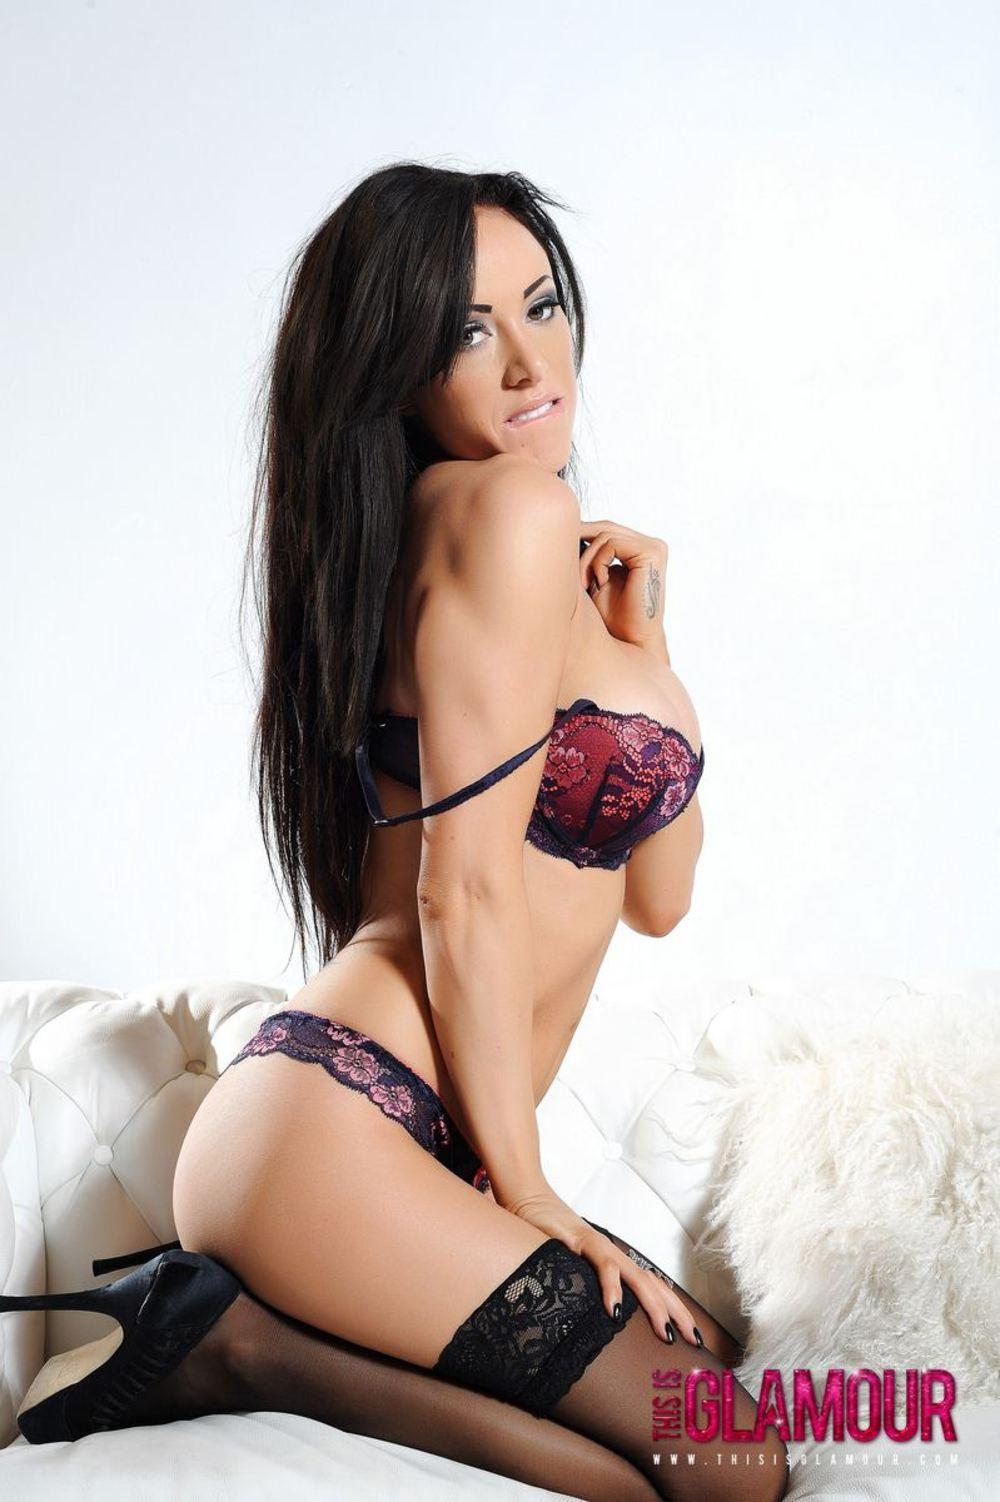 Zdjęcie porno - 0611 - Brunetka w seksownej bieliźnie